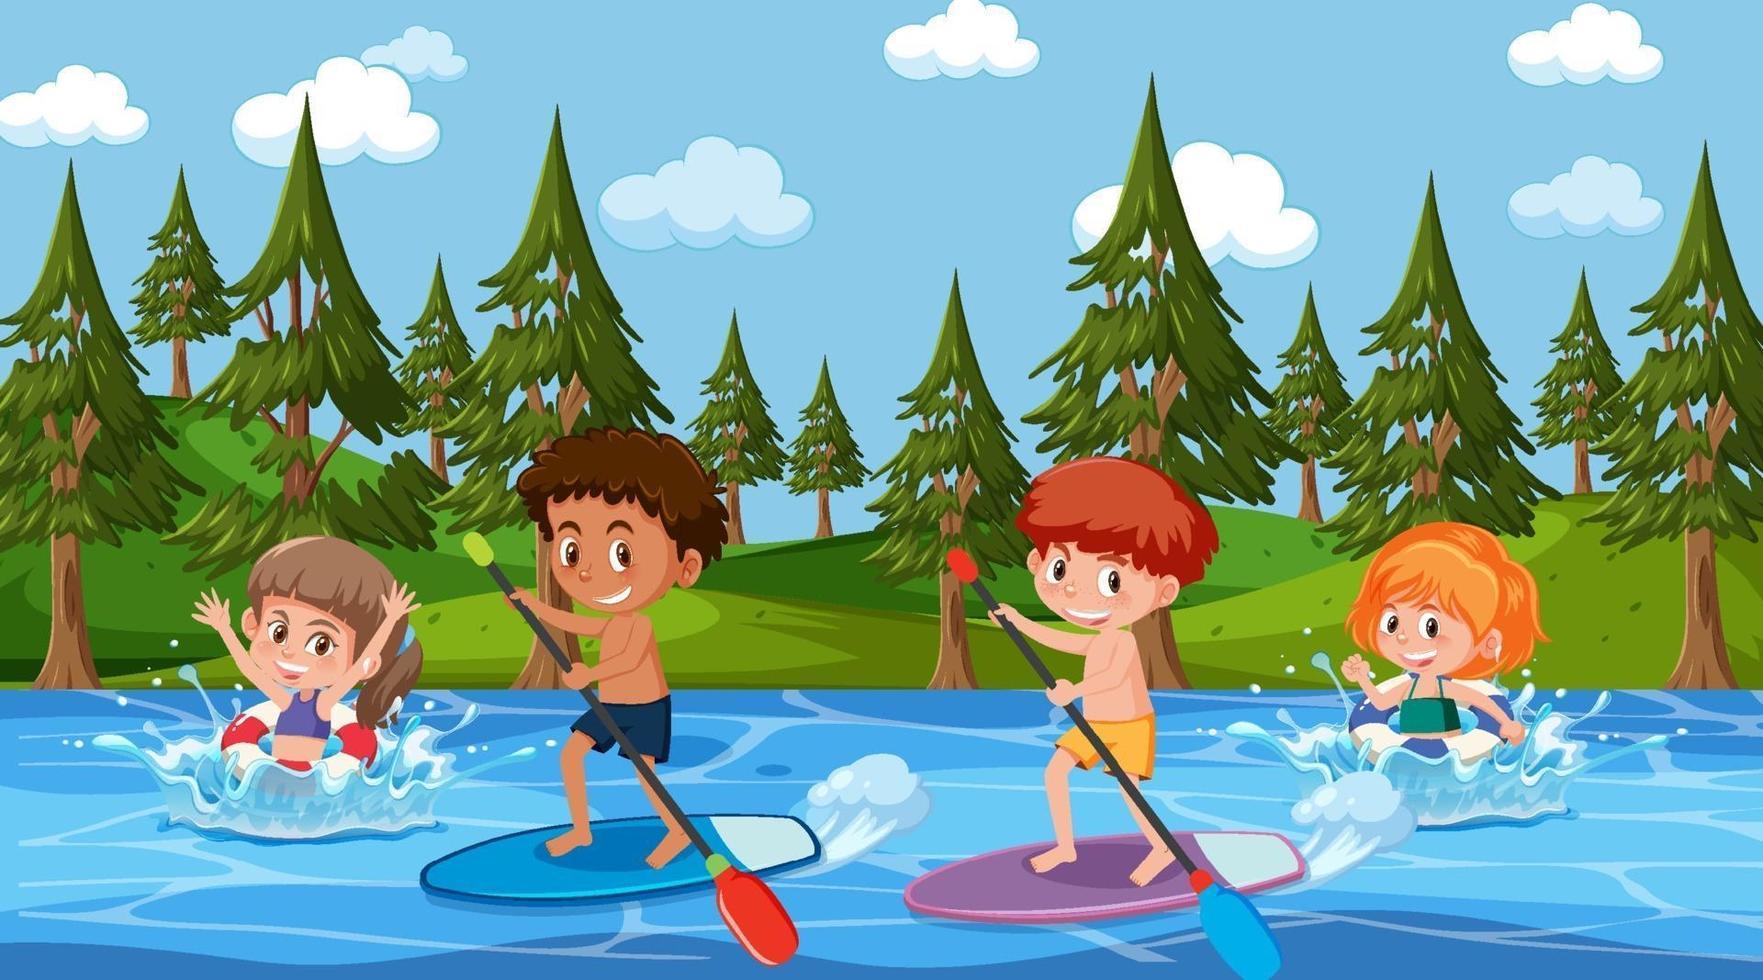 scène de forêt avec des enfants sur une planche de surf dans la rivière vecteur